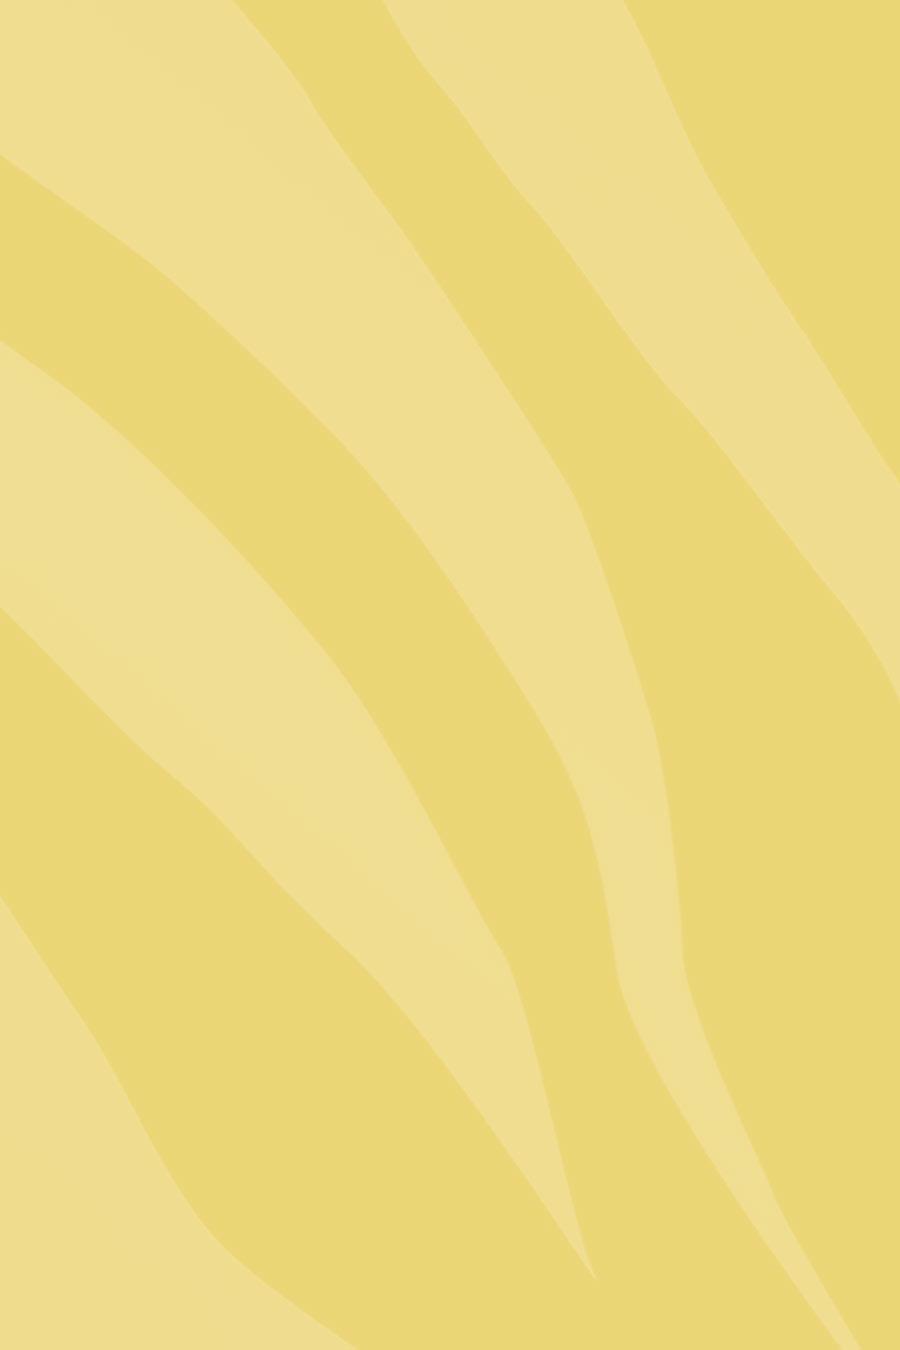 TJI_Piece1_TigerStripe_5.jpg